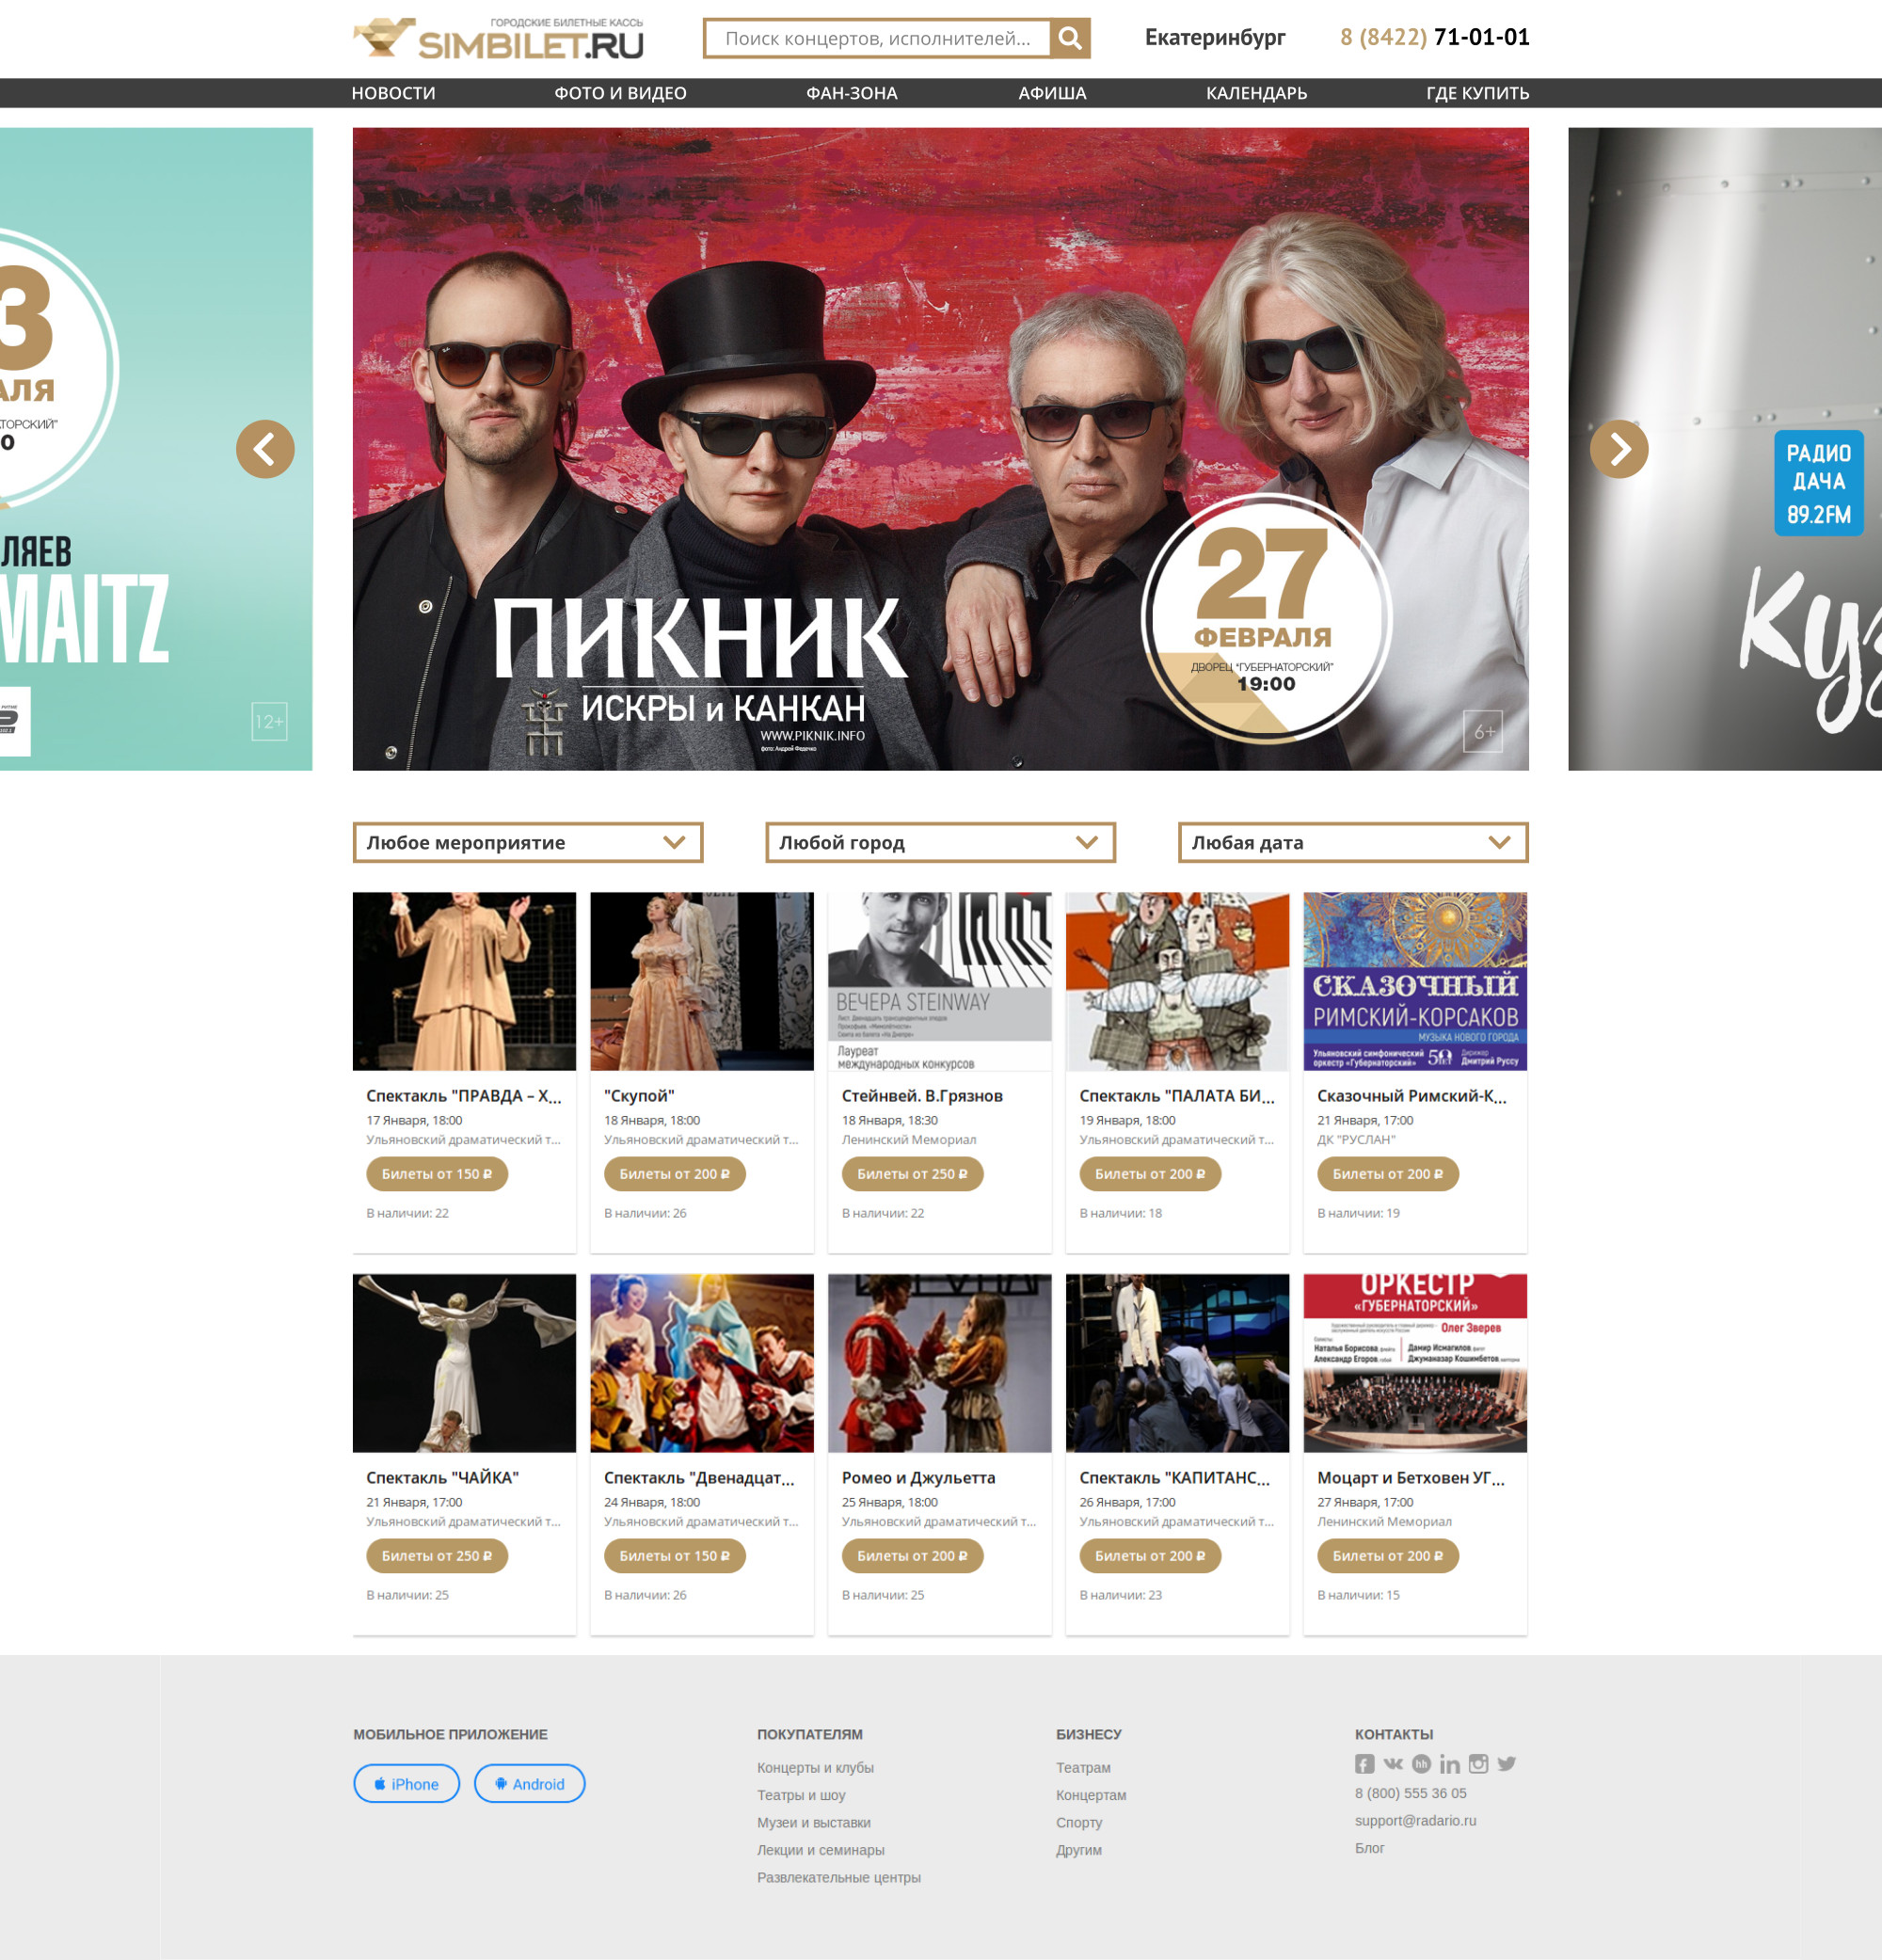 Сайт simbilet.ru под ключ  фото f_4525a58d1f947033.jpg